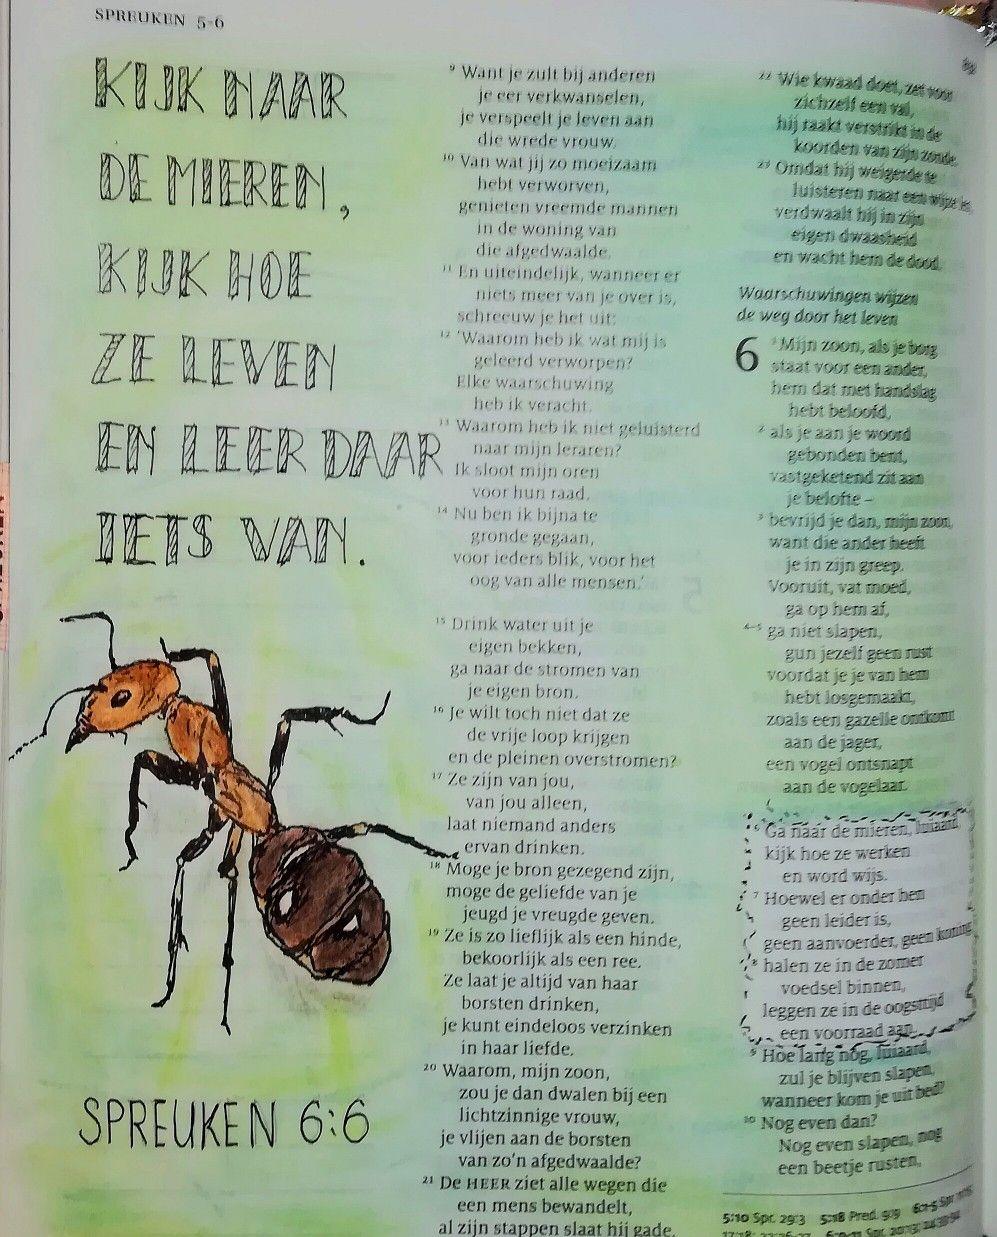 spreuken 6 6 Spreuken 6:6 | Creatief met de Bijbel   Bible, Bible art en  spreuken 6 6